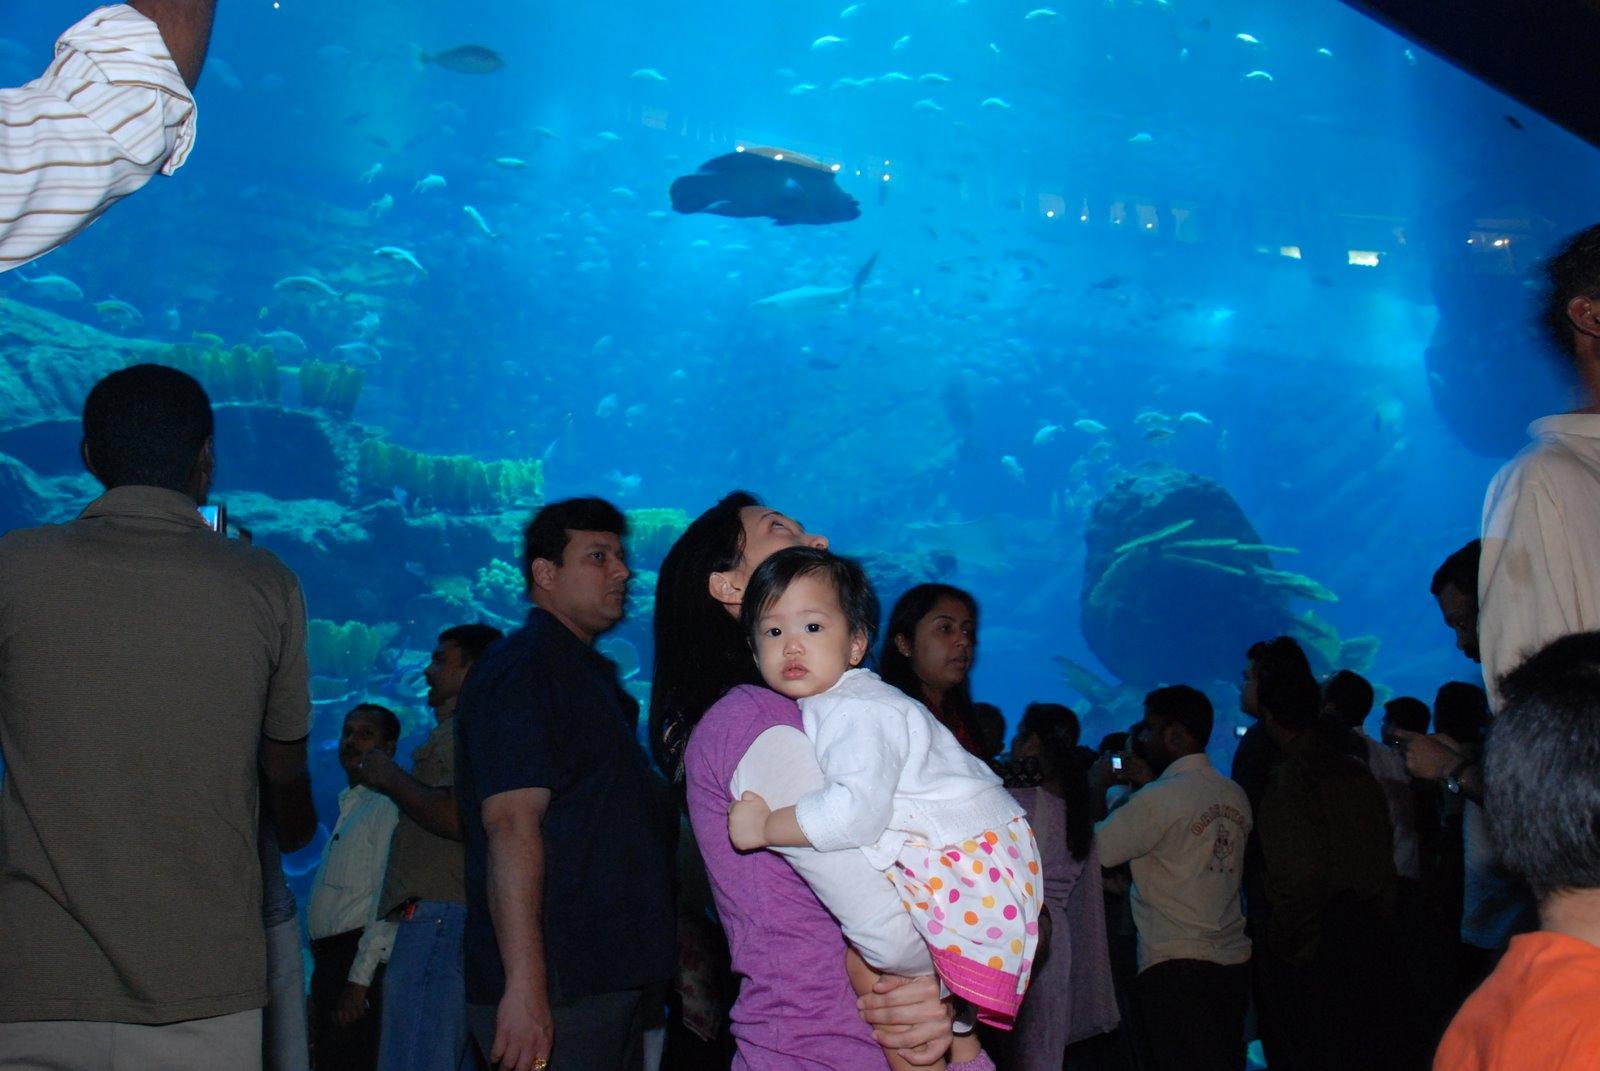 [aquarium+shoppers]